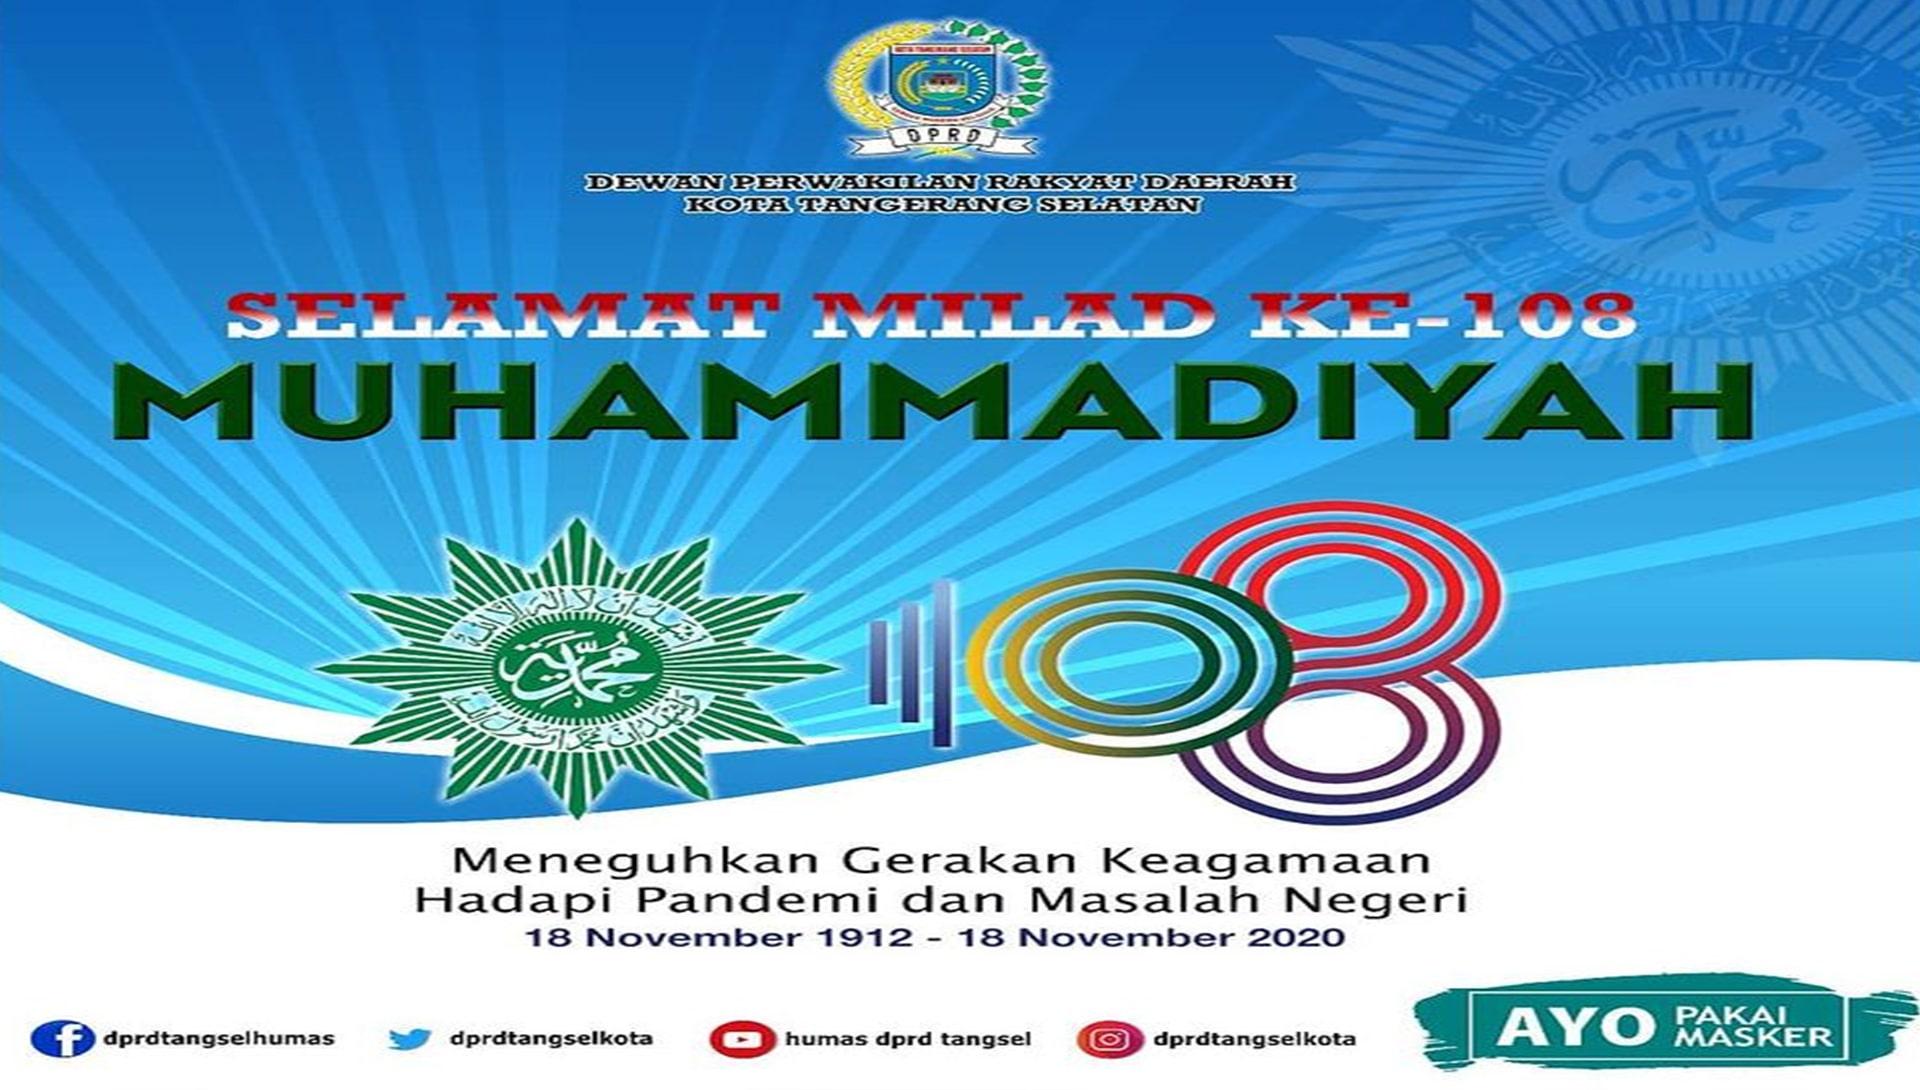 Selamat Milad Muhammadiyah ke-108